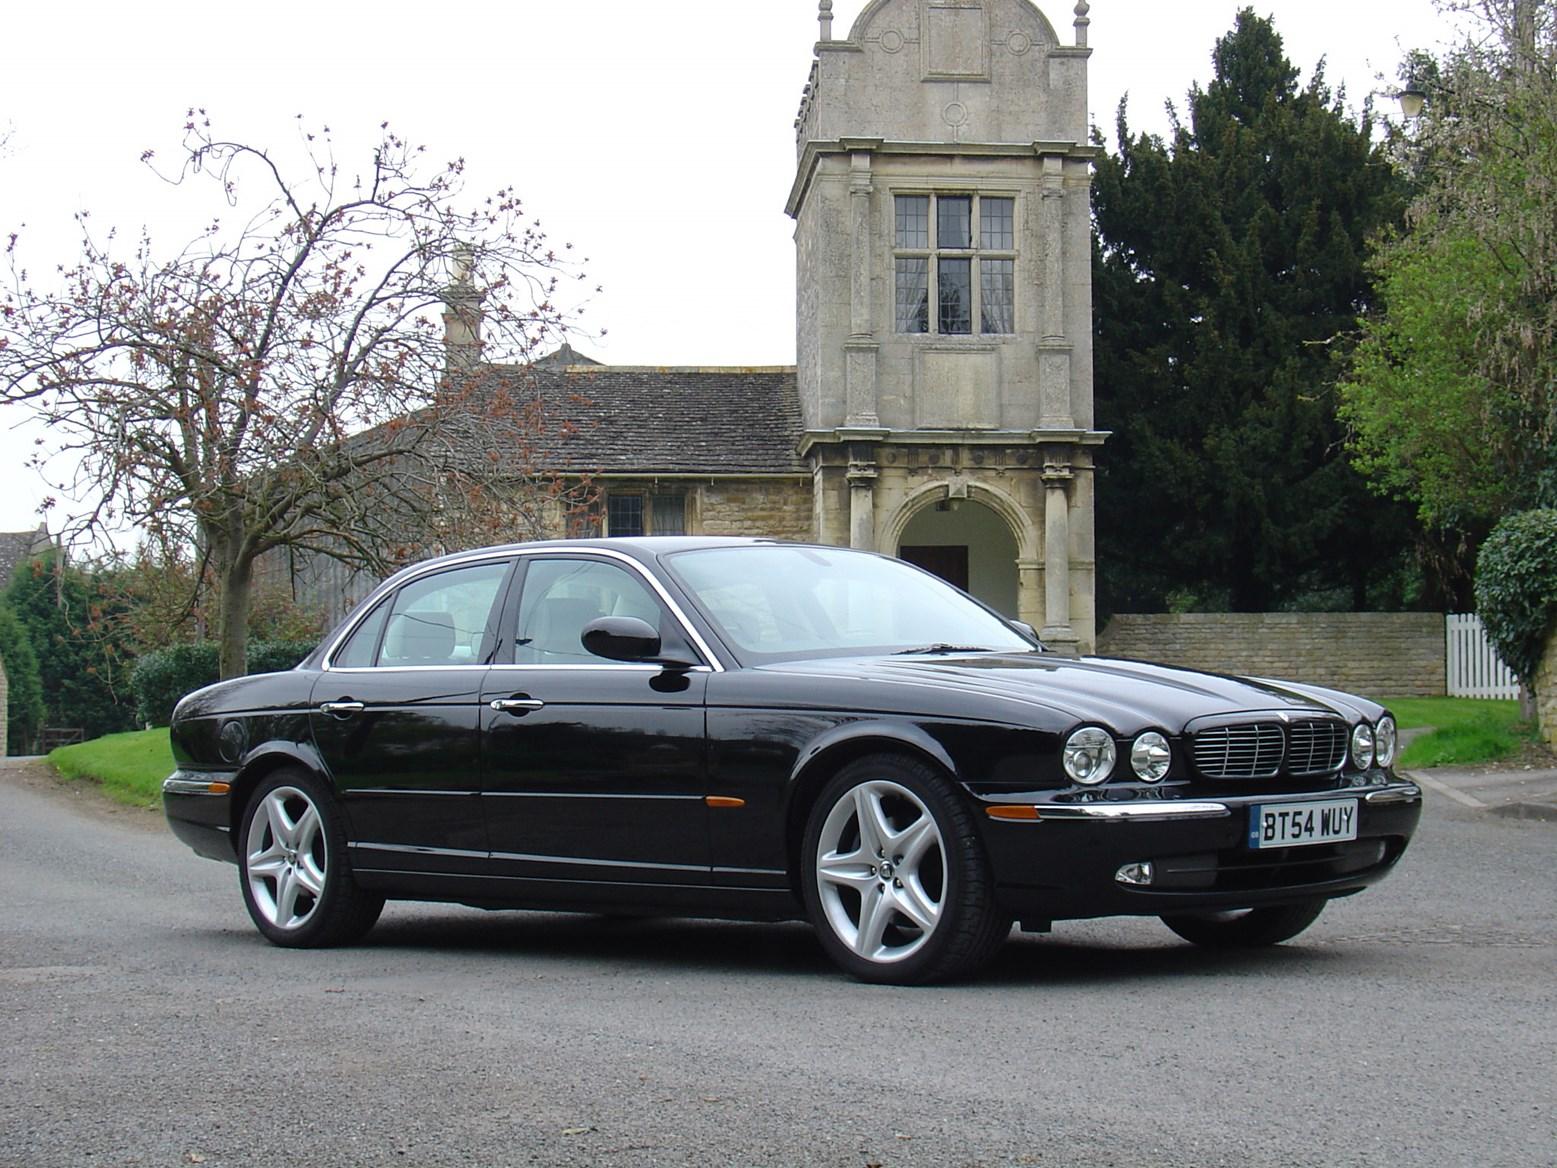 Jaguar Xj Saloon Review 2003 2009 Parkers